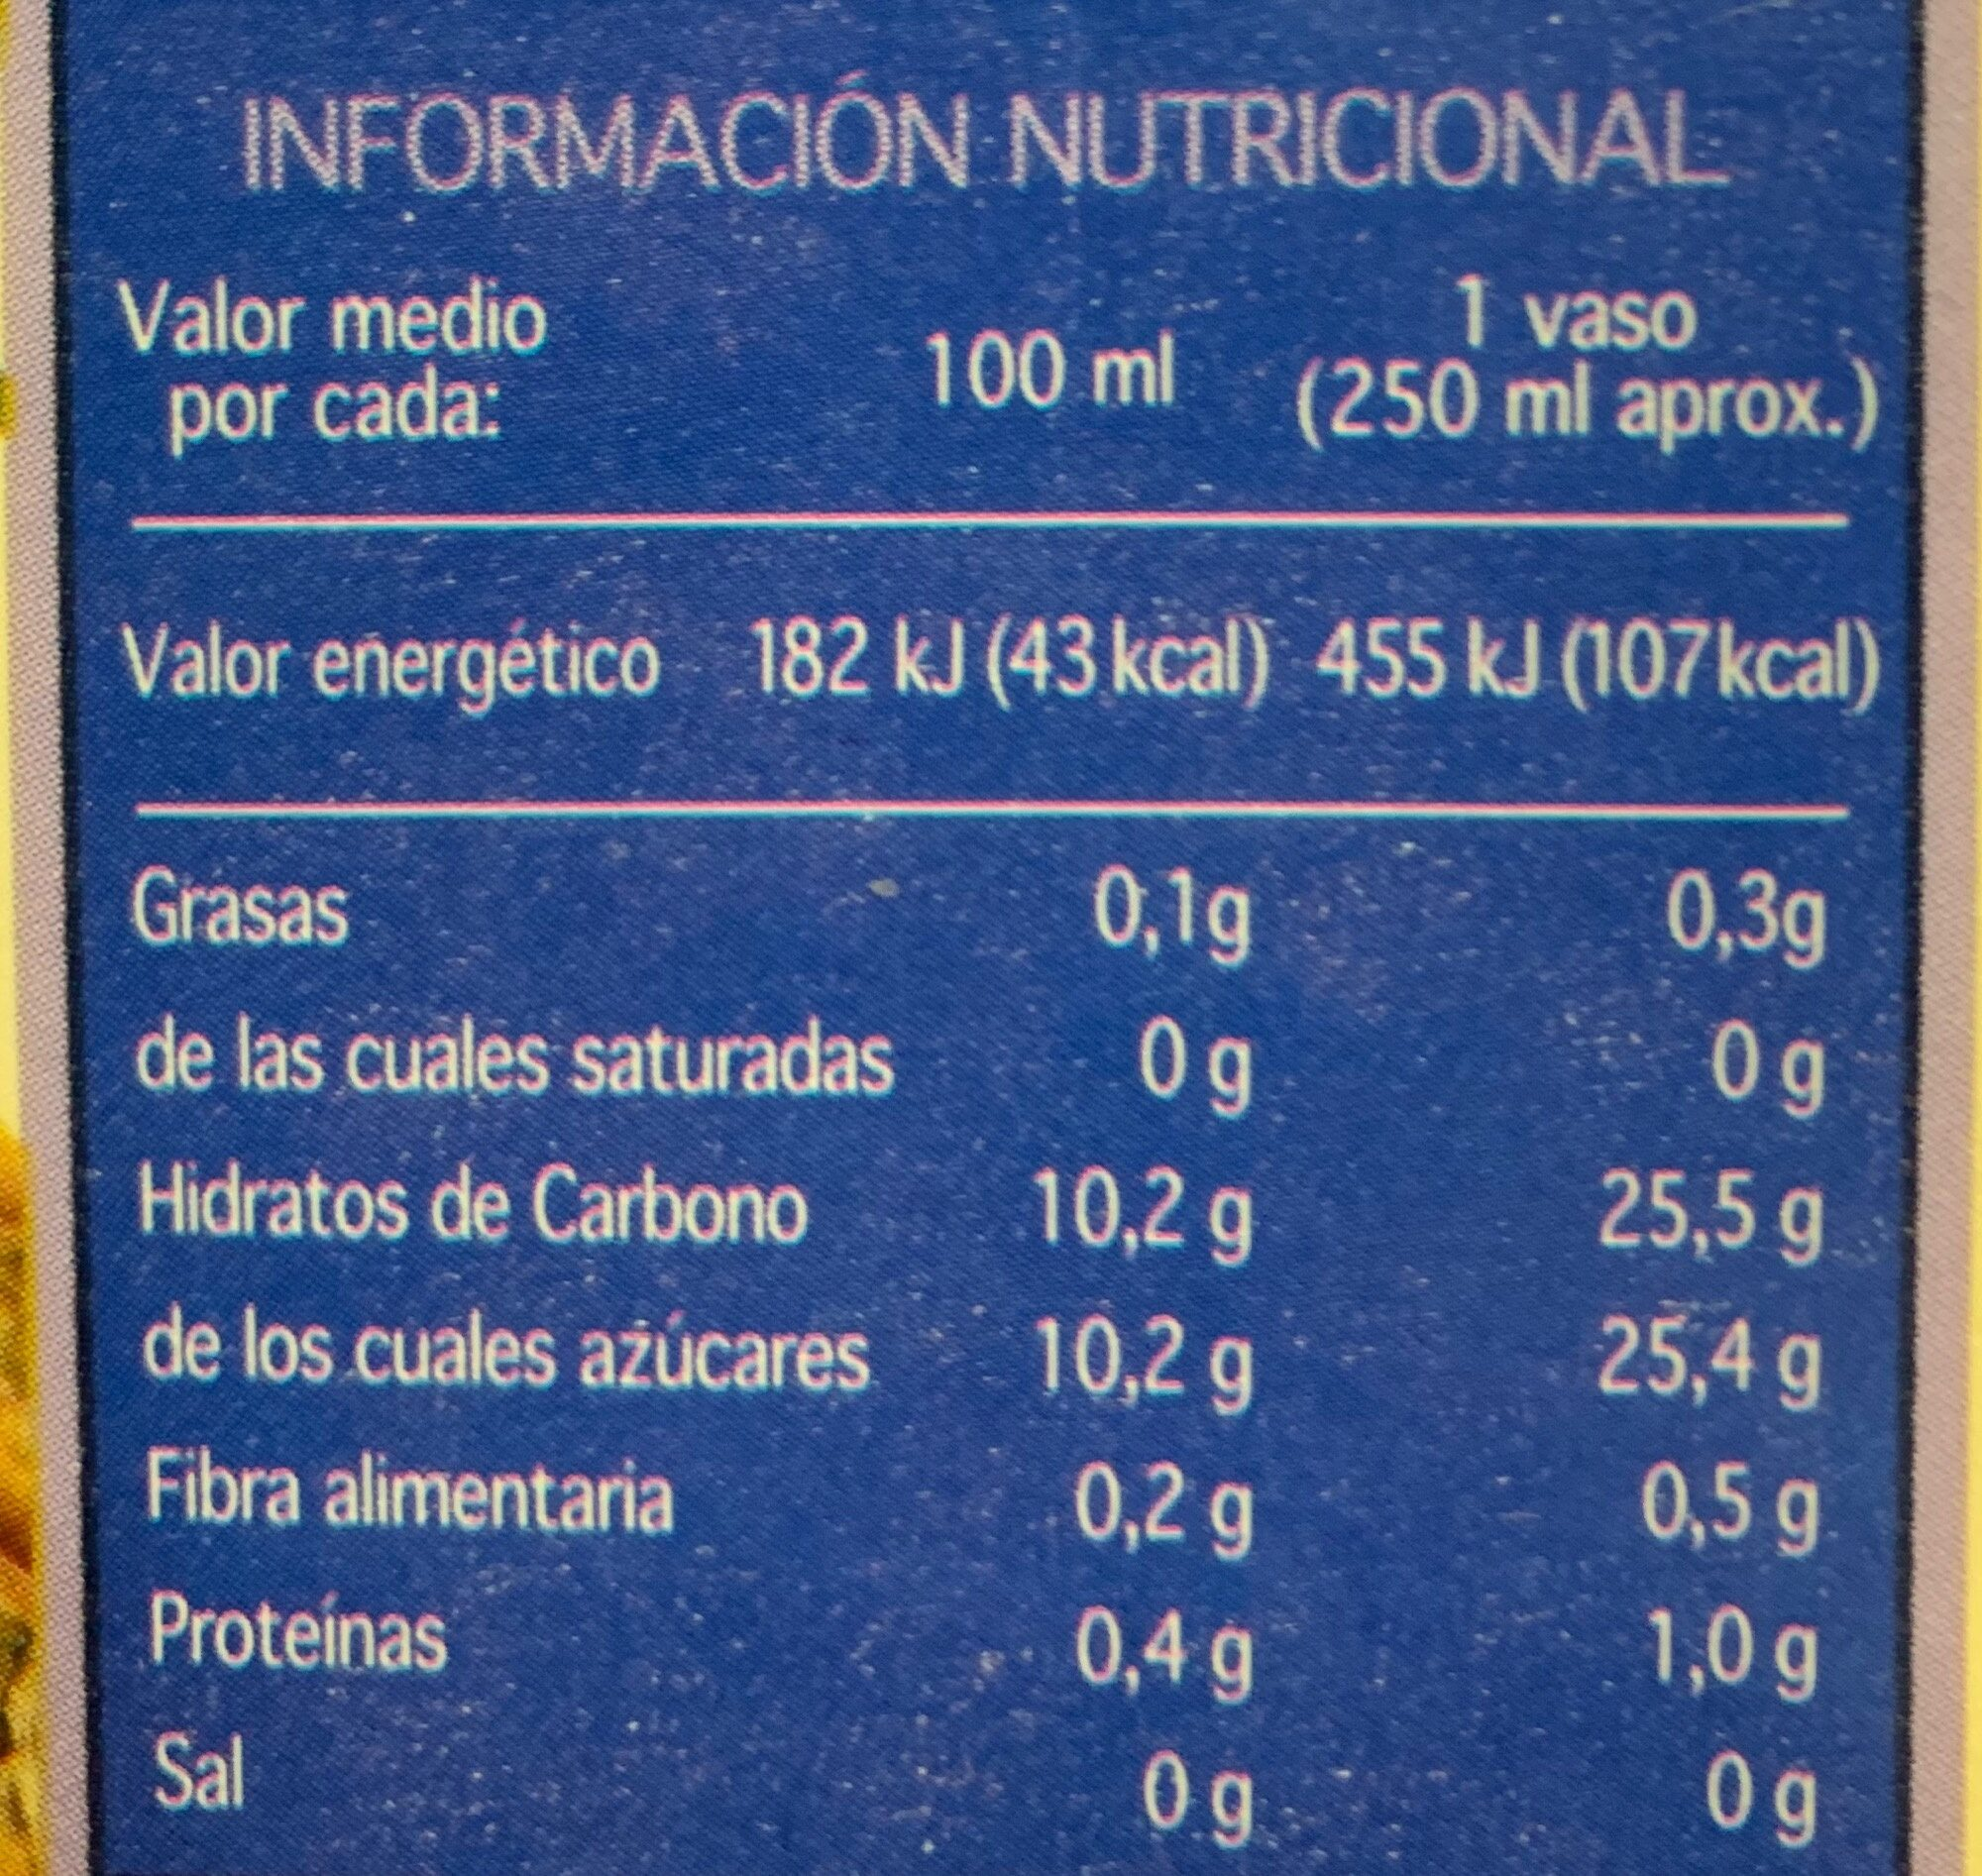 Zumo de piña - Informació nutricional - es